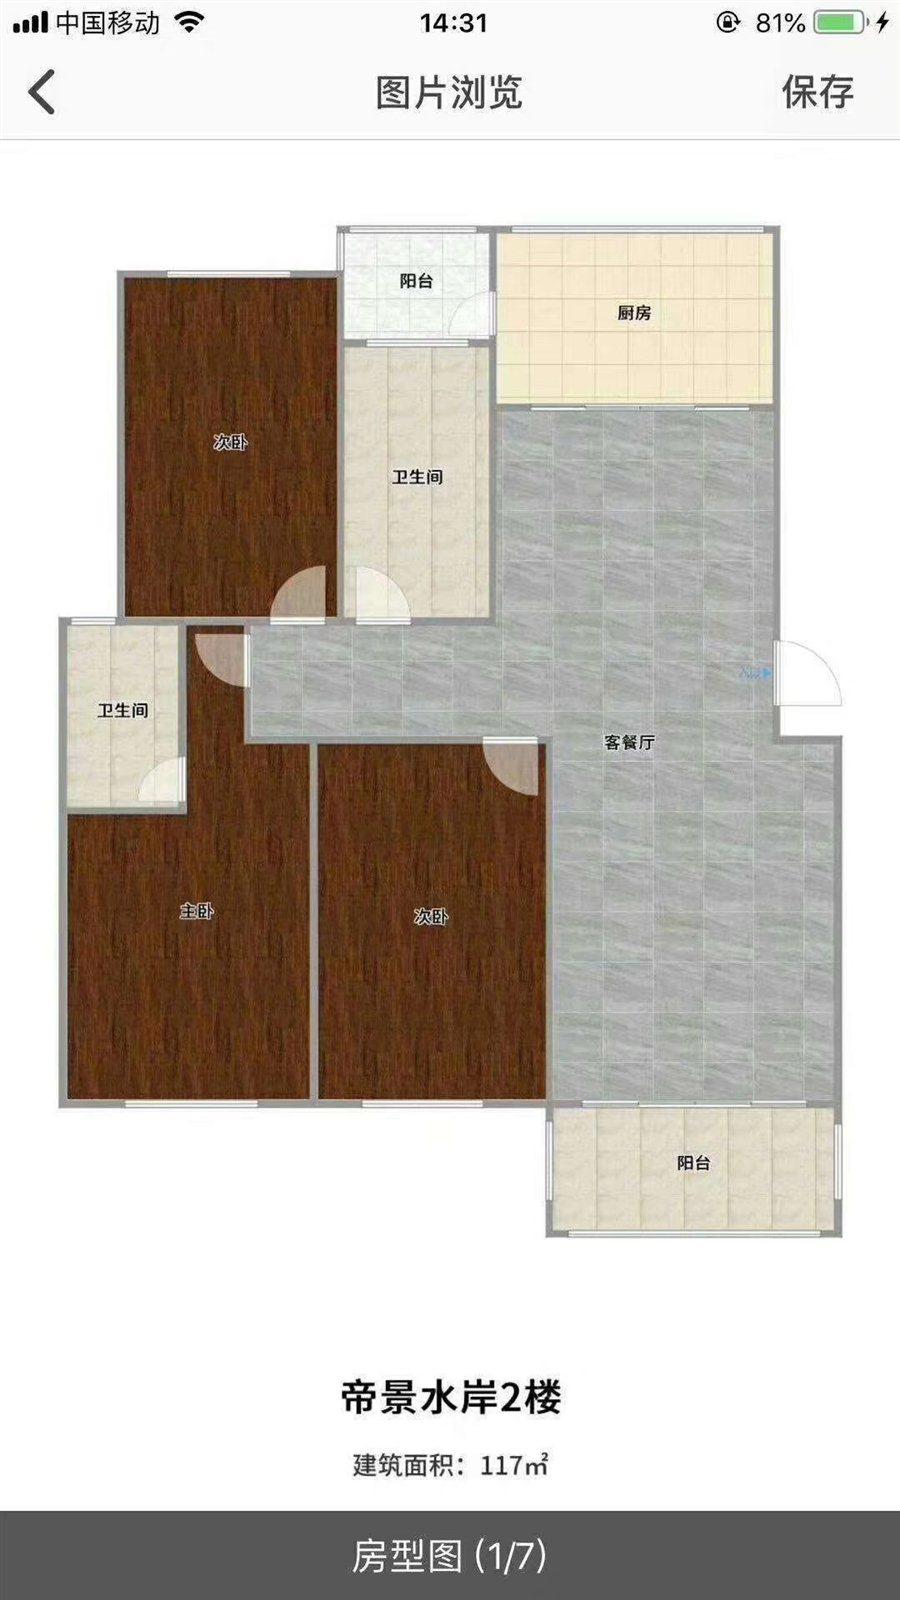 帝景水岸3室 1厅 1卫51万元